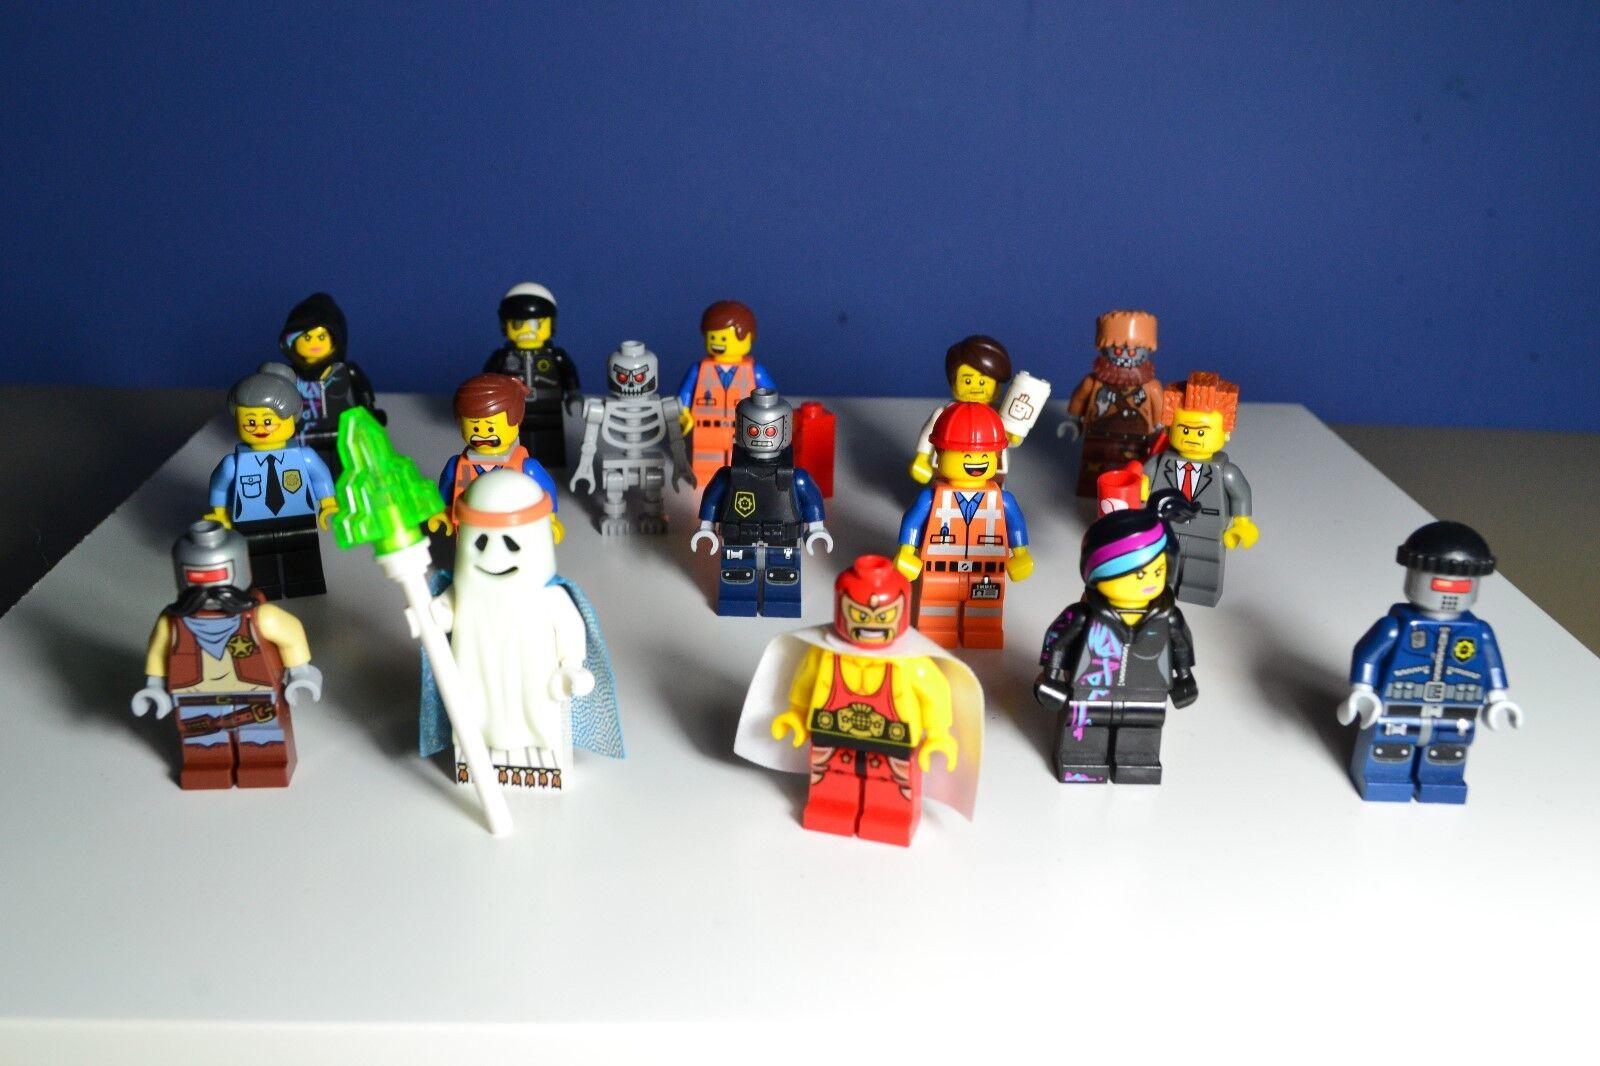 LEGO  Le film Lego  minifigures lot Emmet Bad Cop Benny